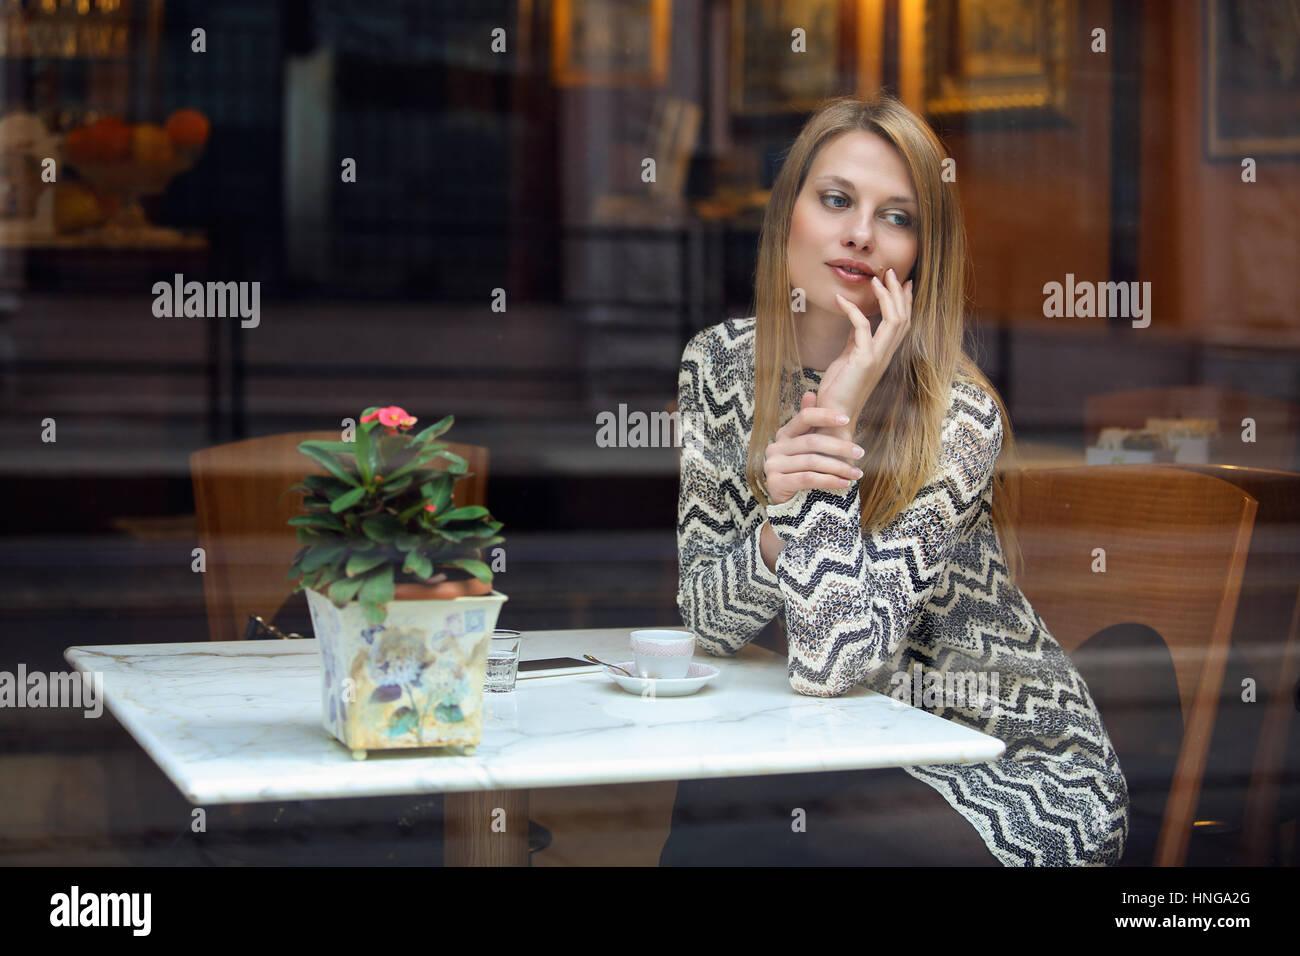 Elegante joven en un elegante café. Filmación urbana Imagen De Stock